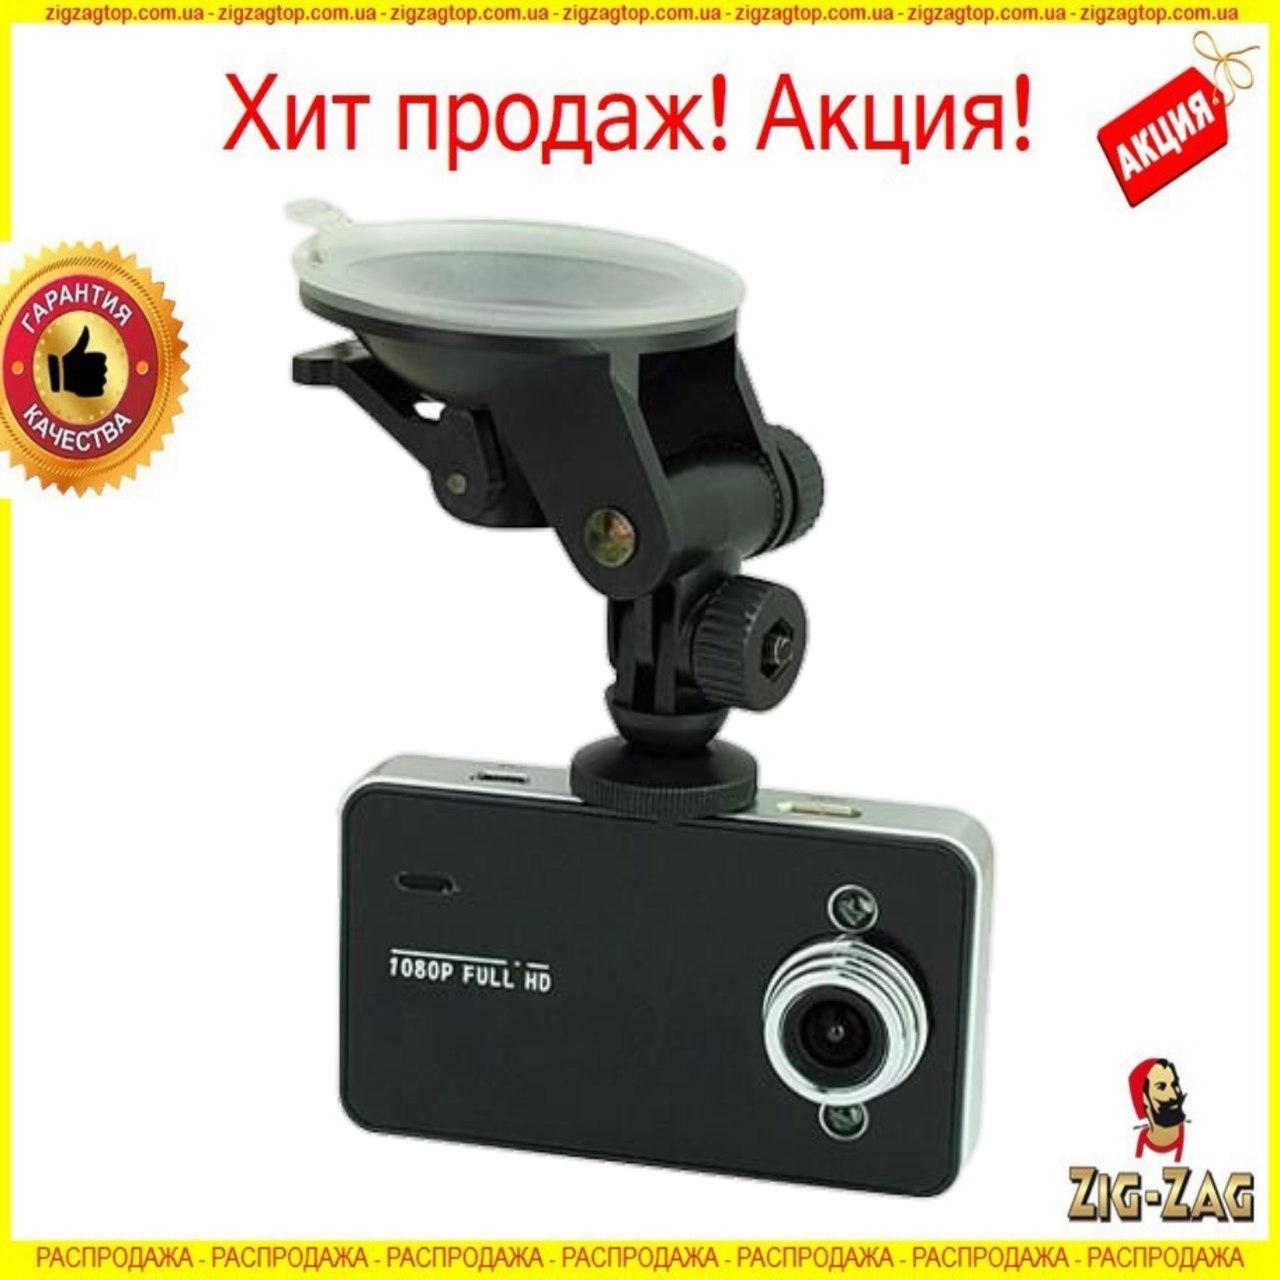 Видеорегистратор BlackBOX DVR K6000 качество 1080 Авторегистратор К6000 в Авто Регистратор машину В Салон